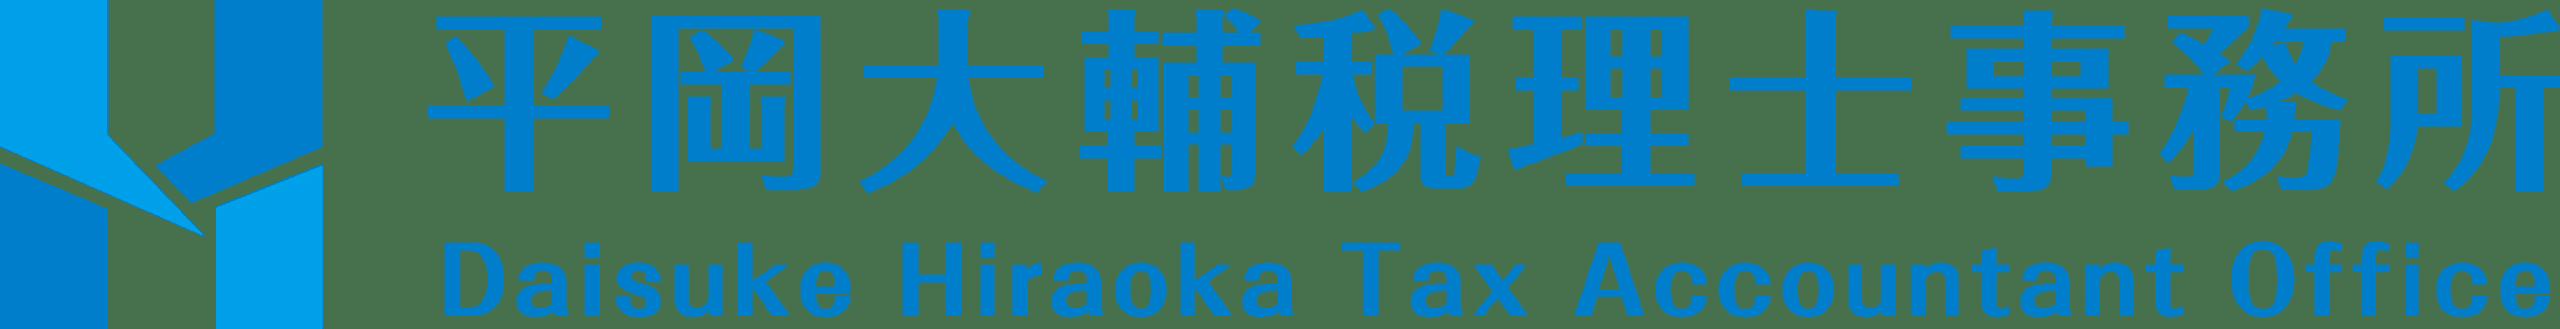 平岡大輔税理士事務所